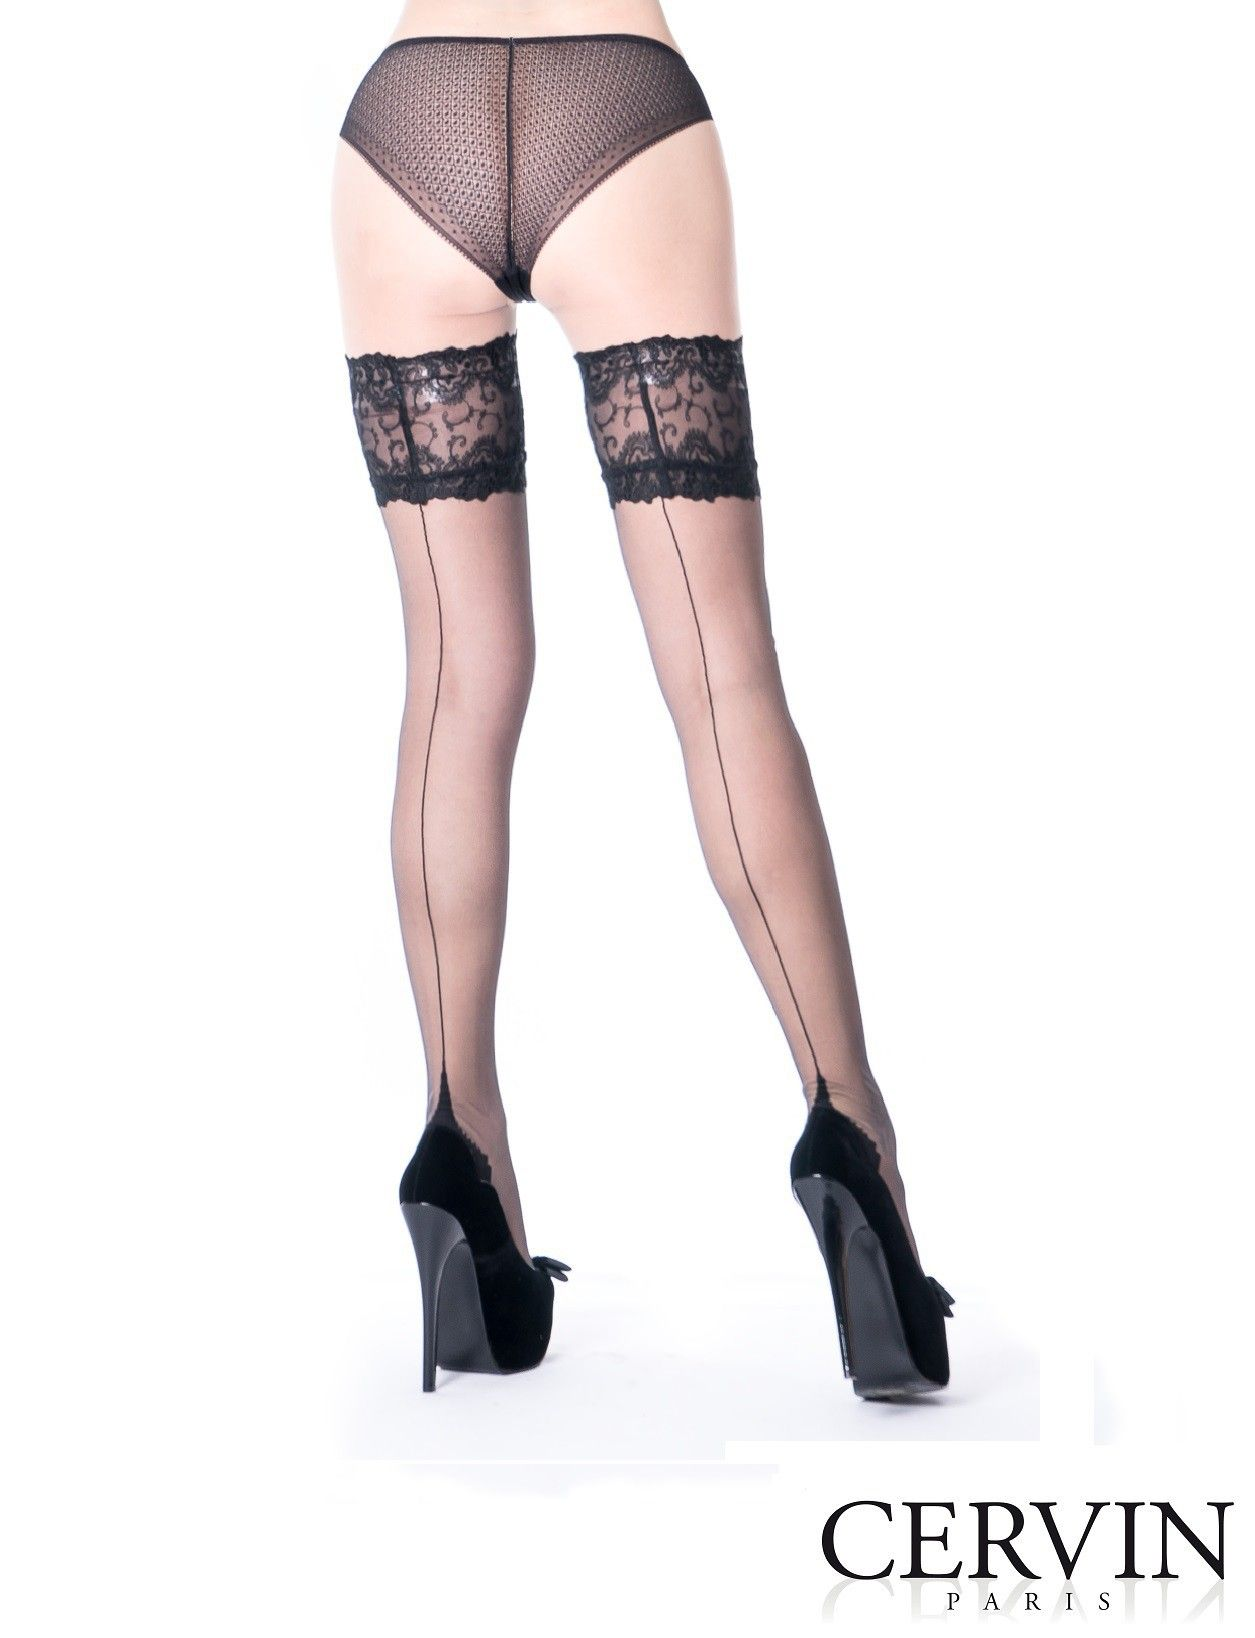 1c7ae14411c88 Autentiche calze di nylon con cucitura autoreggenti Cervin Paris